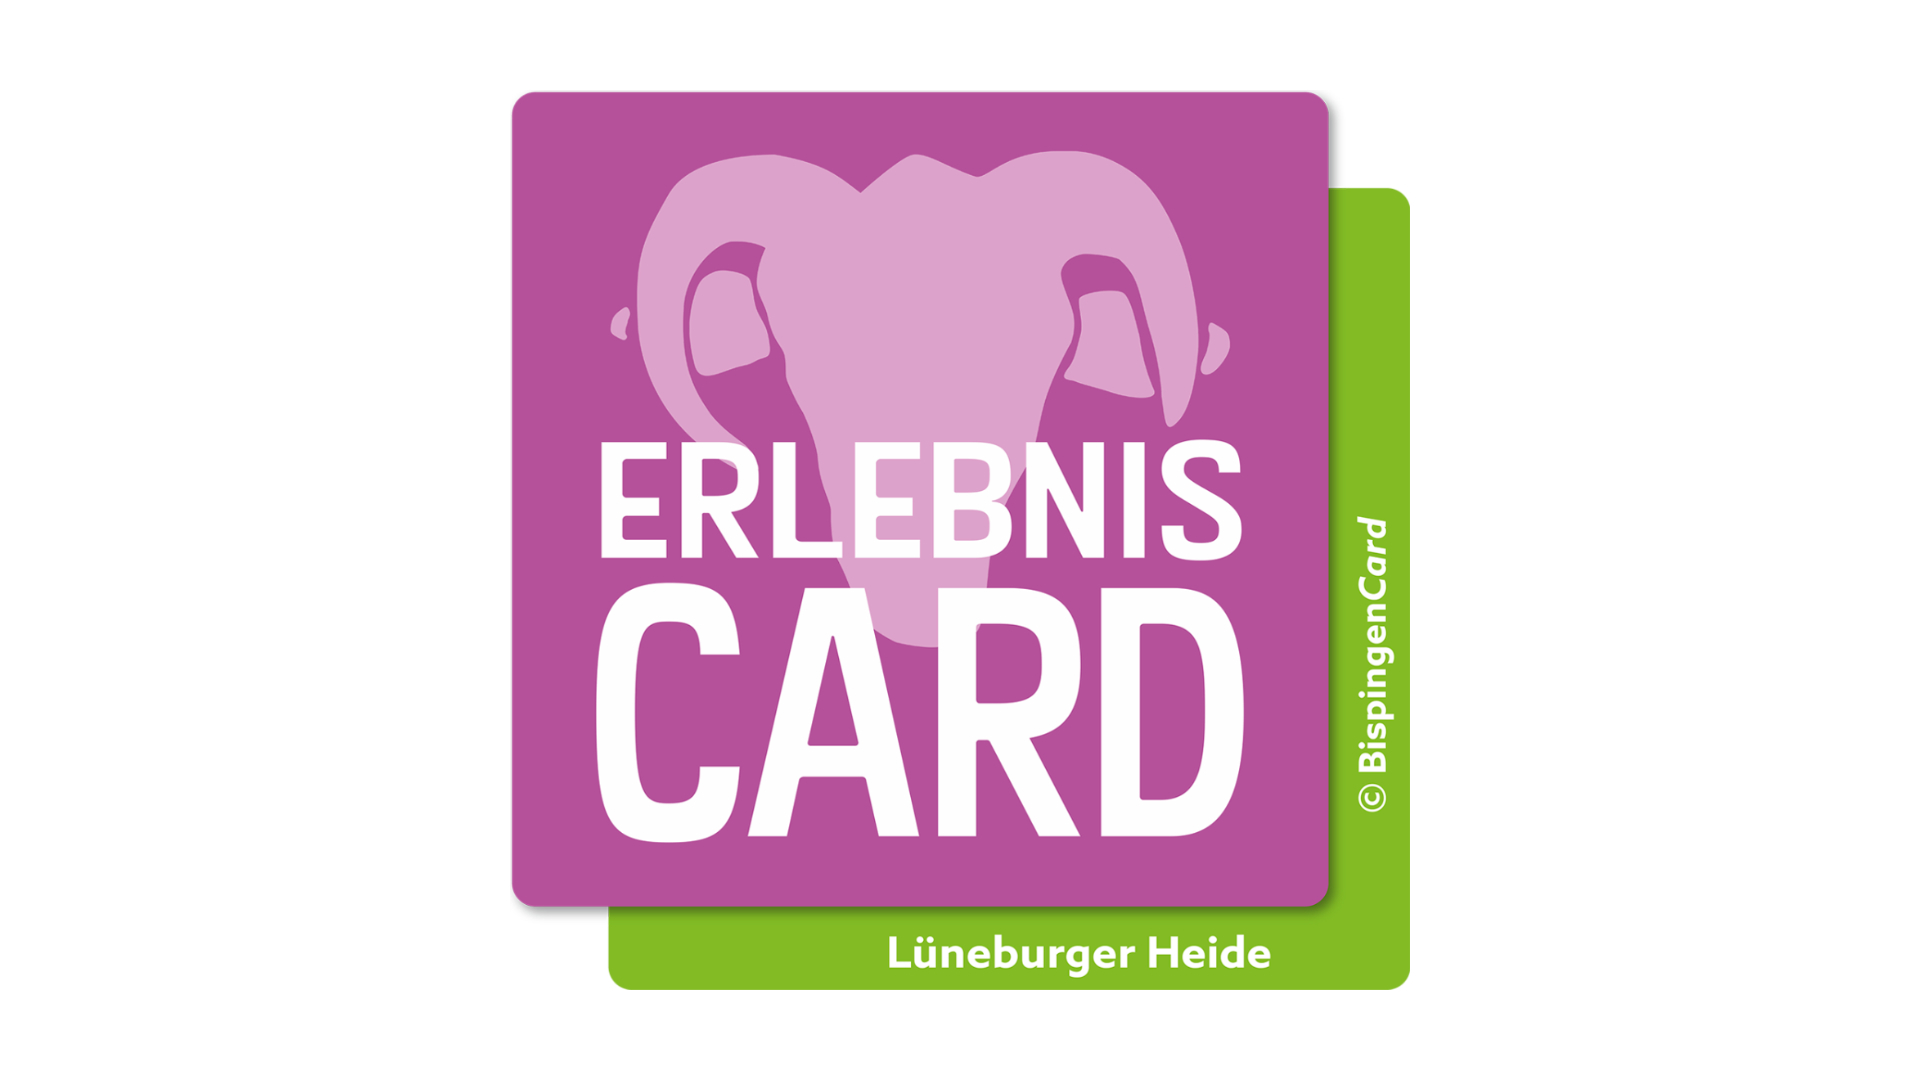 logo-erlebniscard